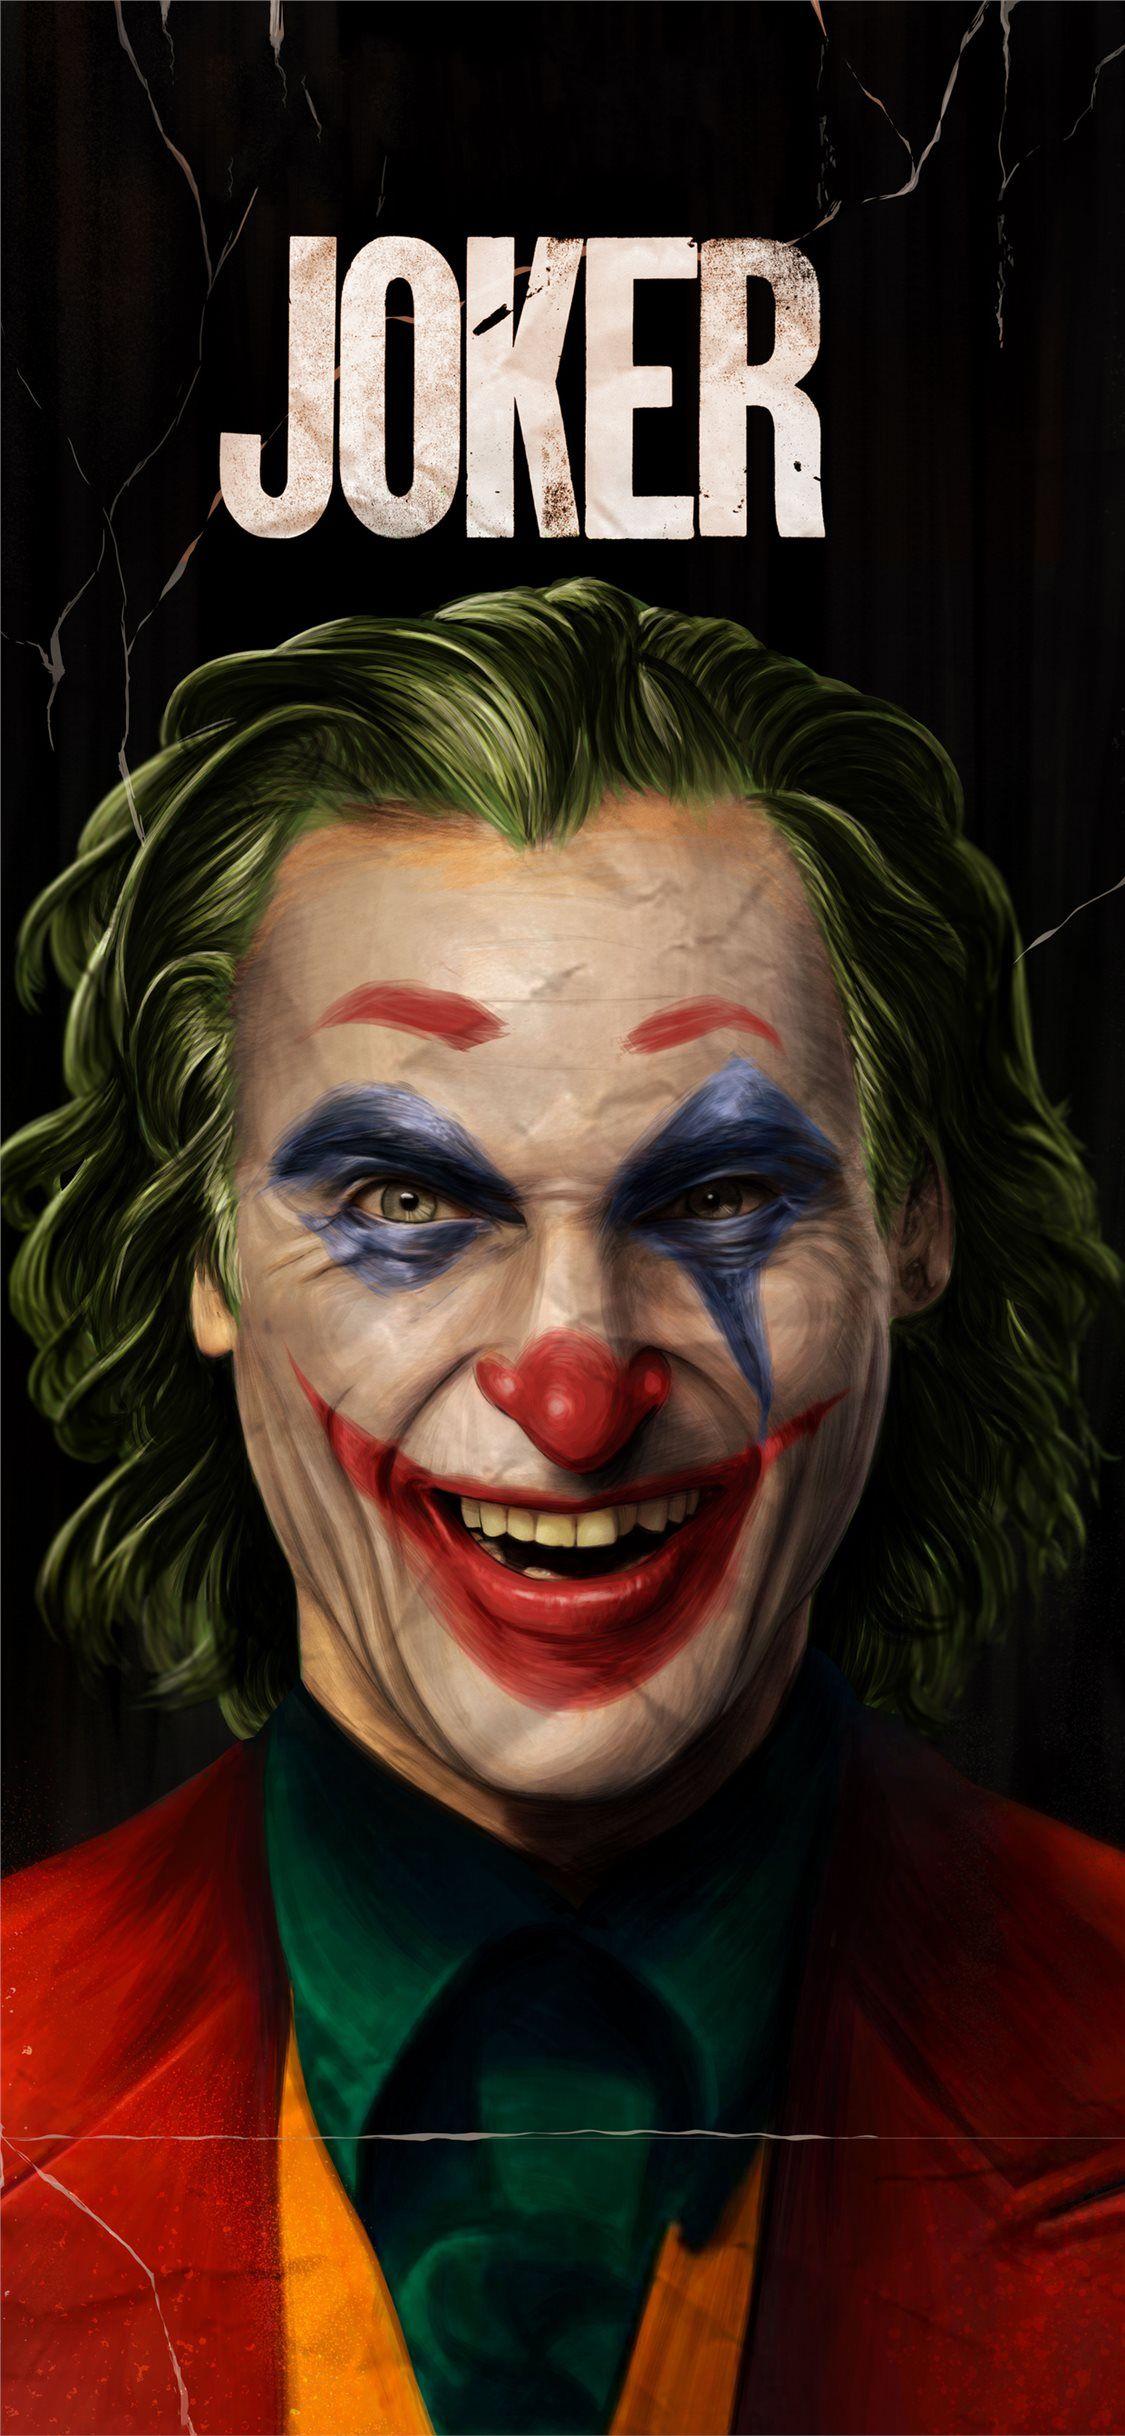 5k Joker Joaquin Phoenix 2019 Iphone X Wallpapers With Images